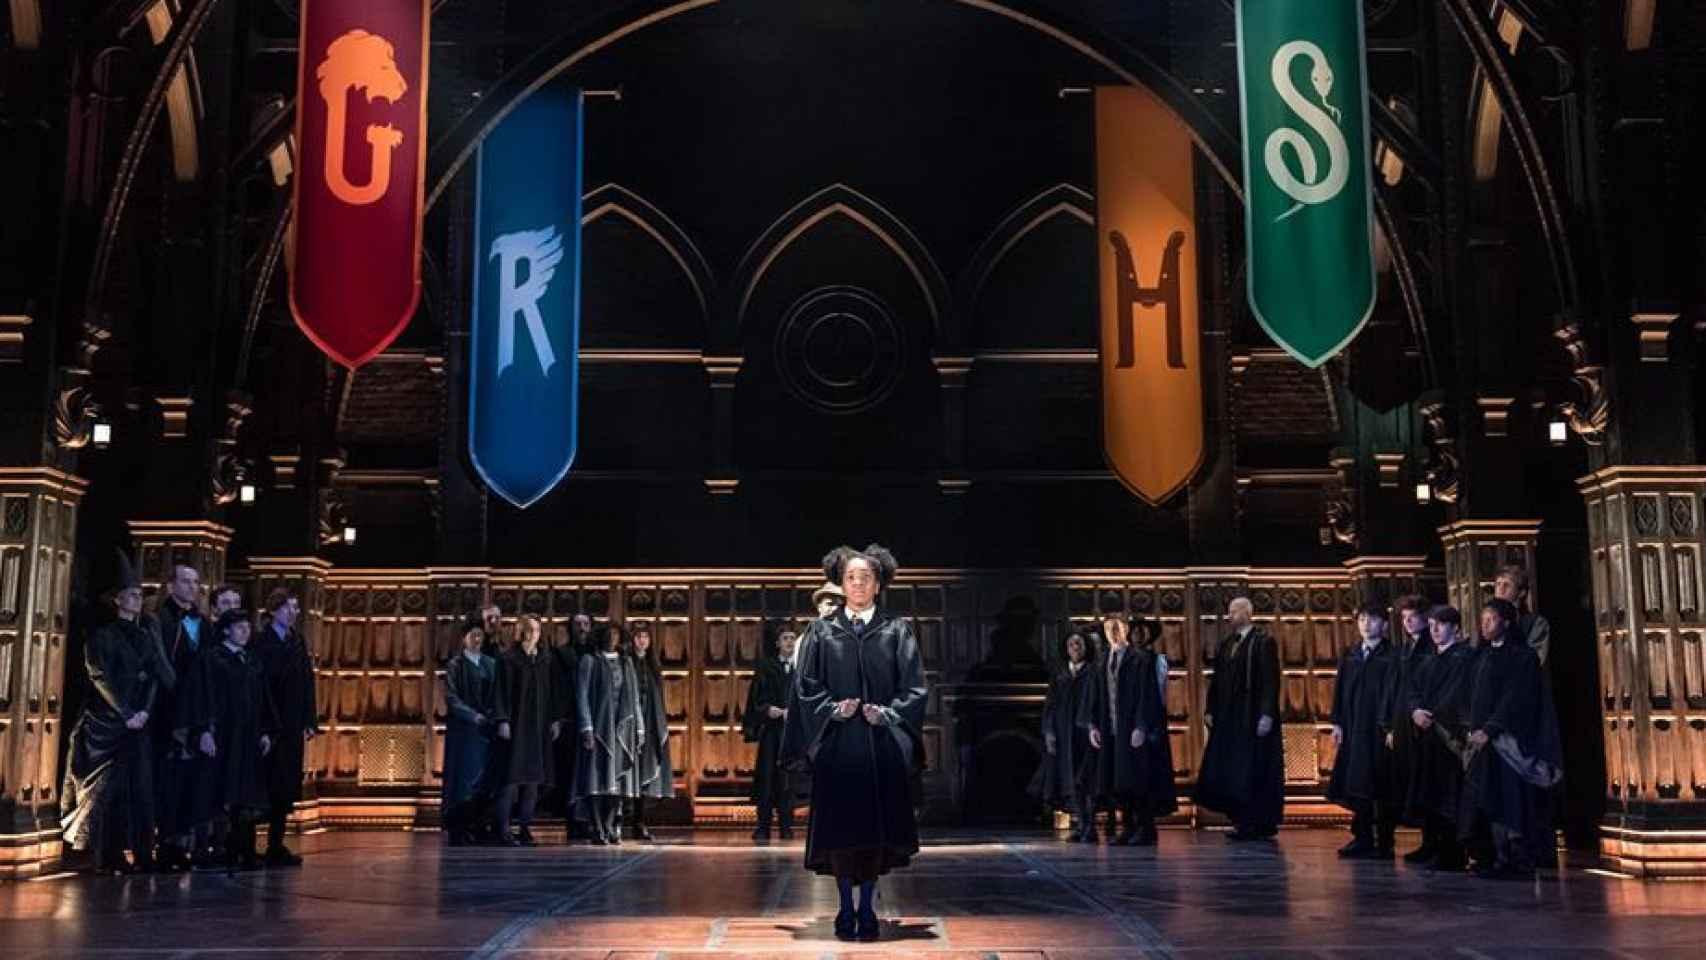 La hija de Hermione y Ron en Hogwarts.